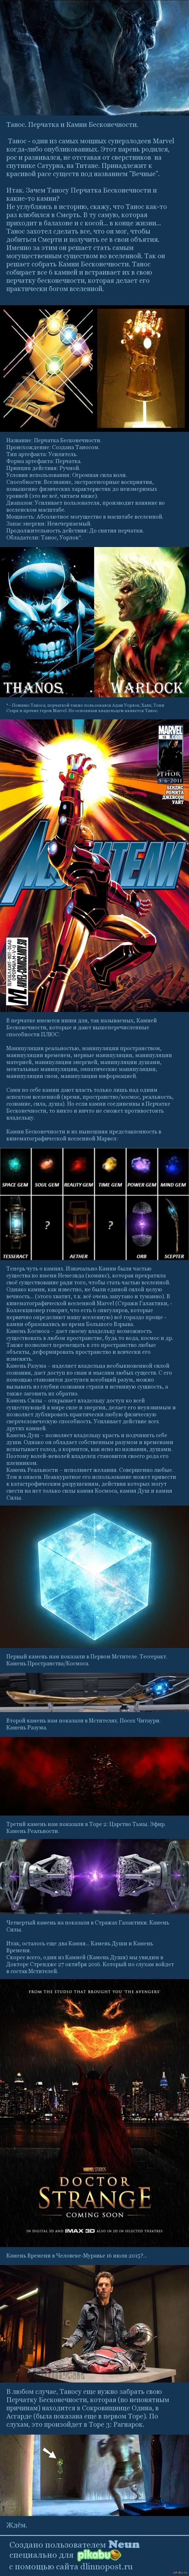 Танос, Перчатка и Камни Бесконечности. Танос? Кто такой? Что за камни?...